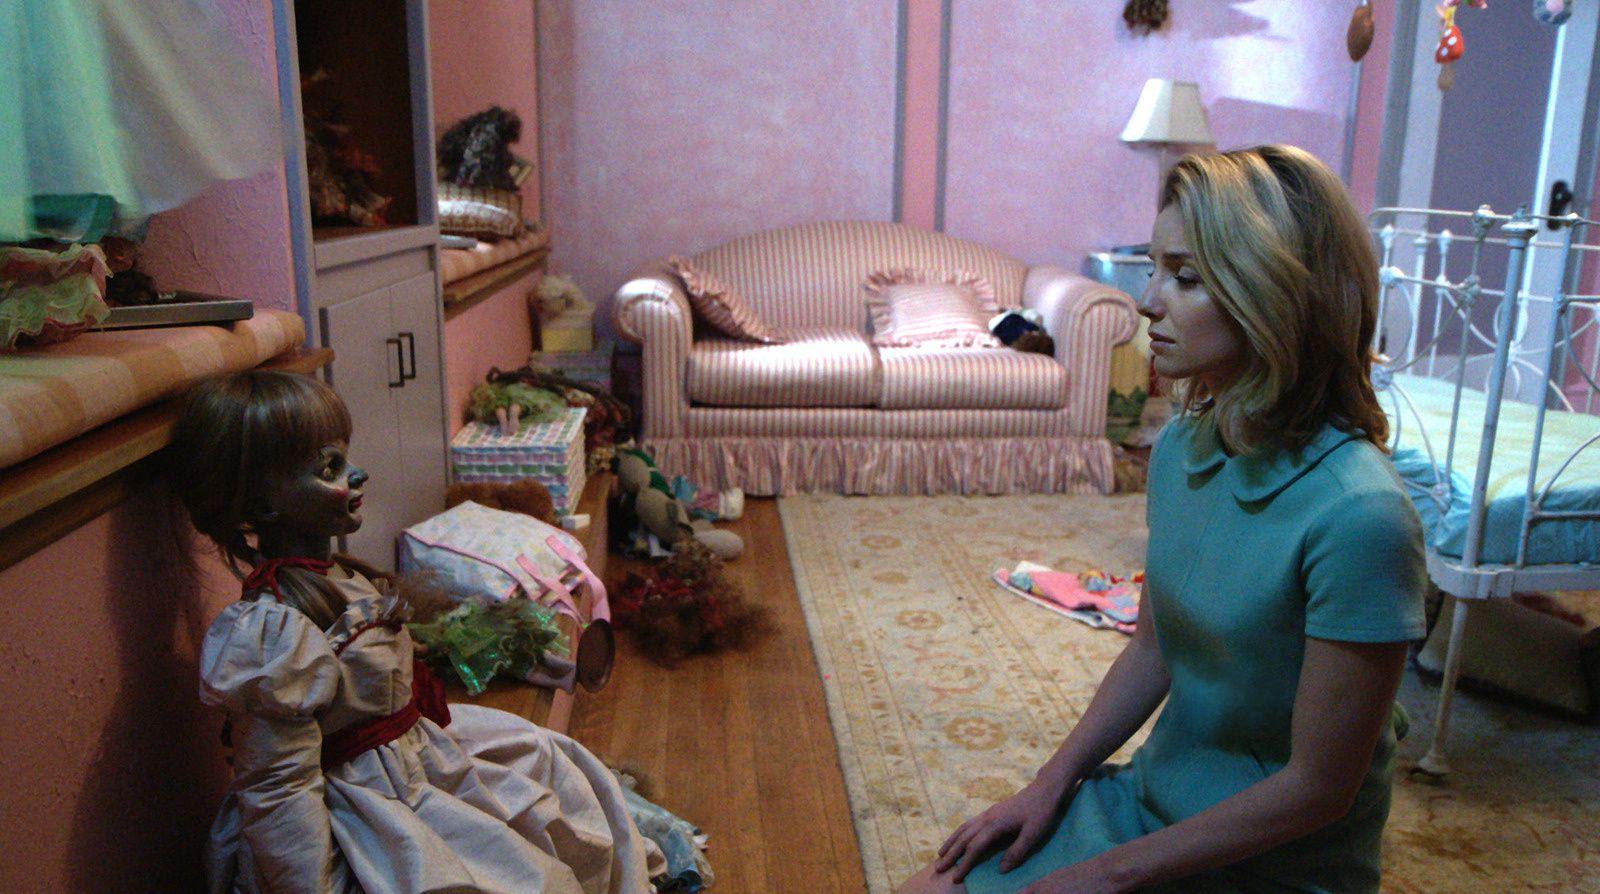 [critique] Annabelle : poupée d'effroi